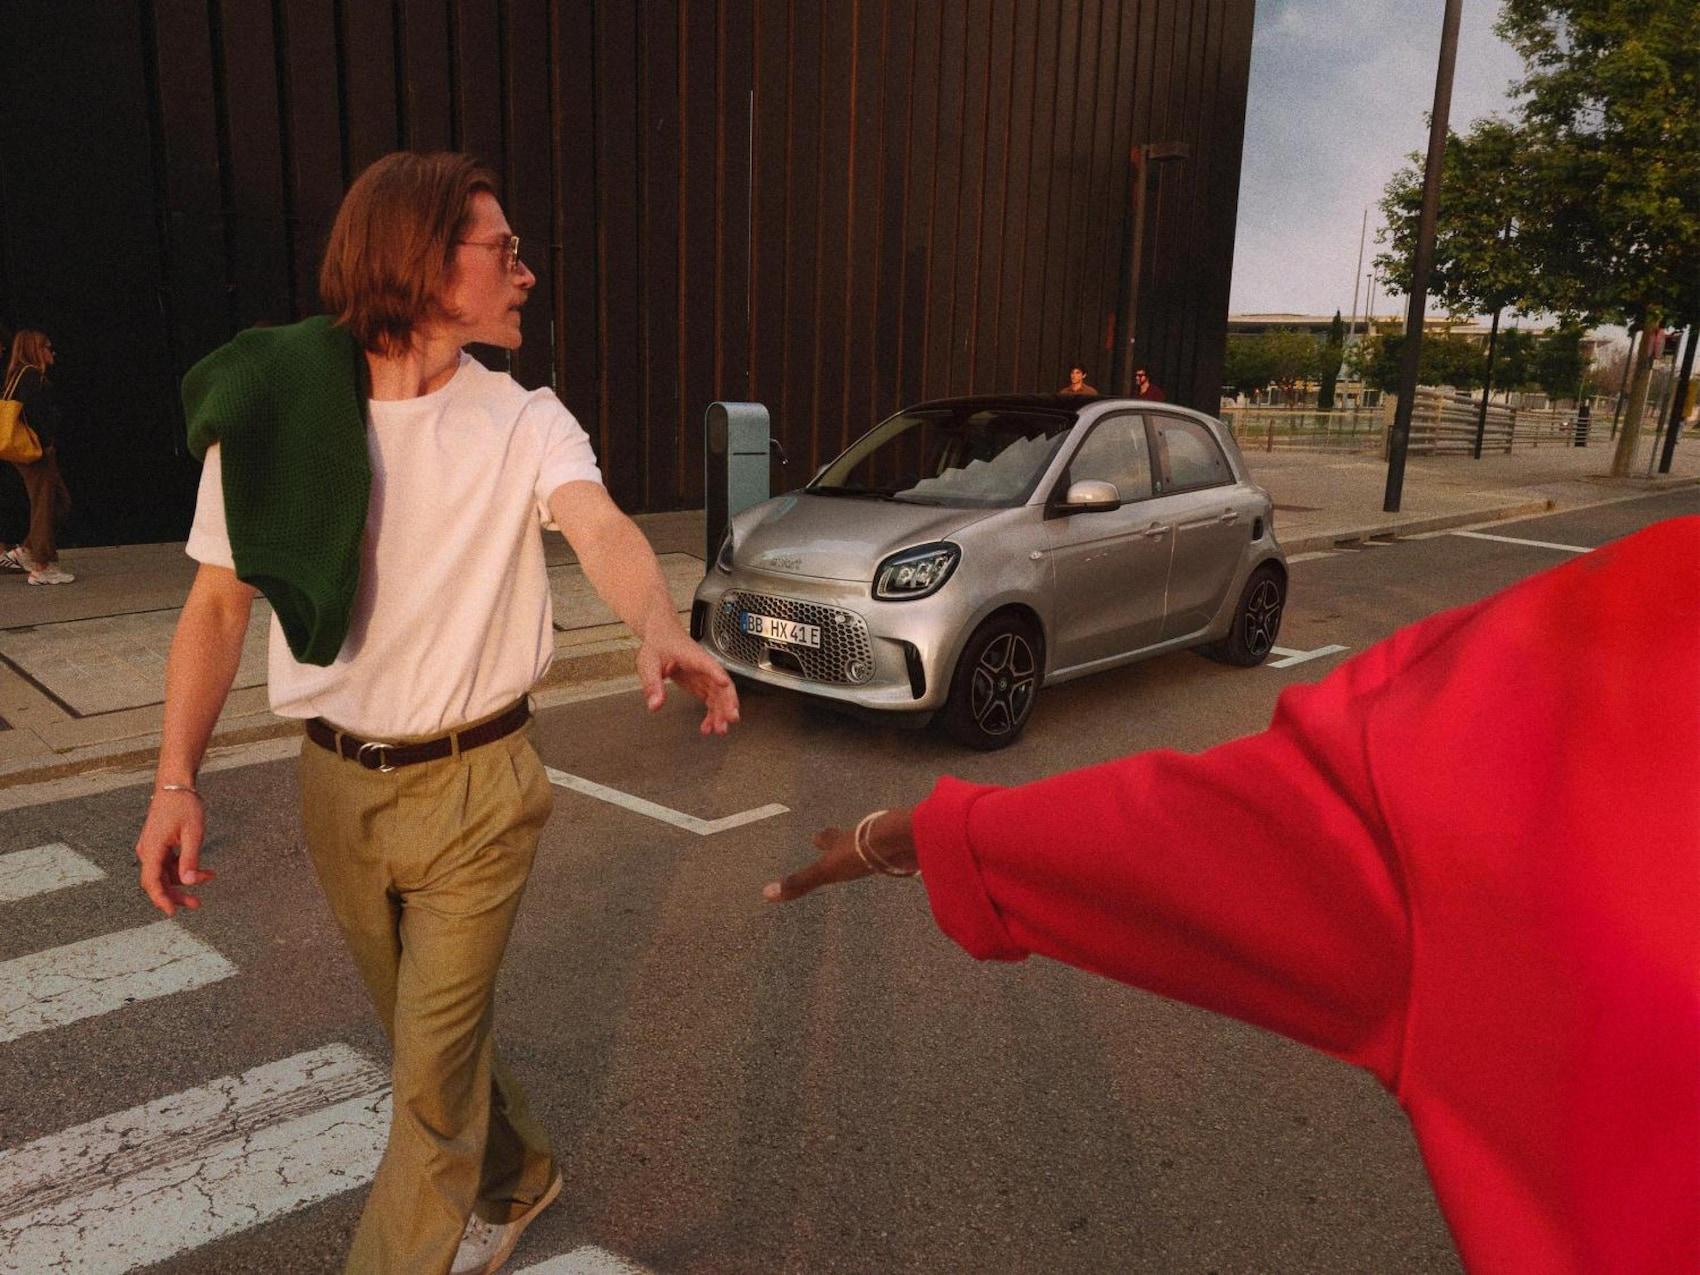 Un homme et une femme traversent un passage piéton avec une smart EQ forfour visible à l'arrière-plan, près d'une borne de recharge.